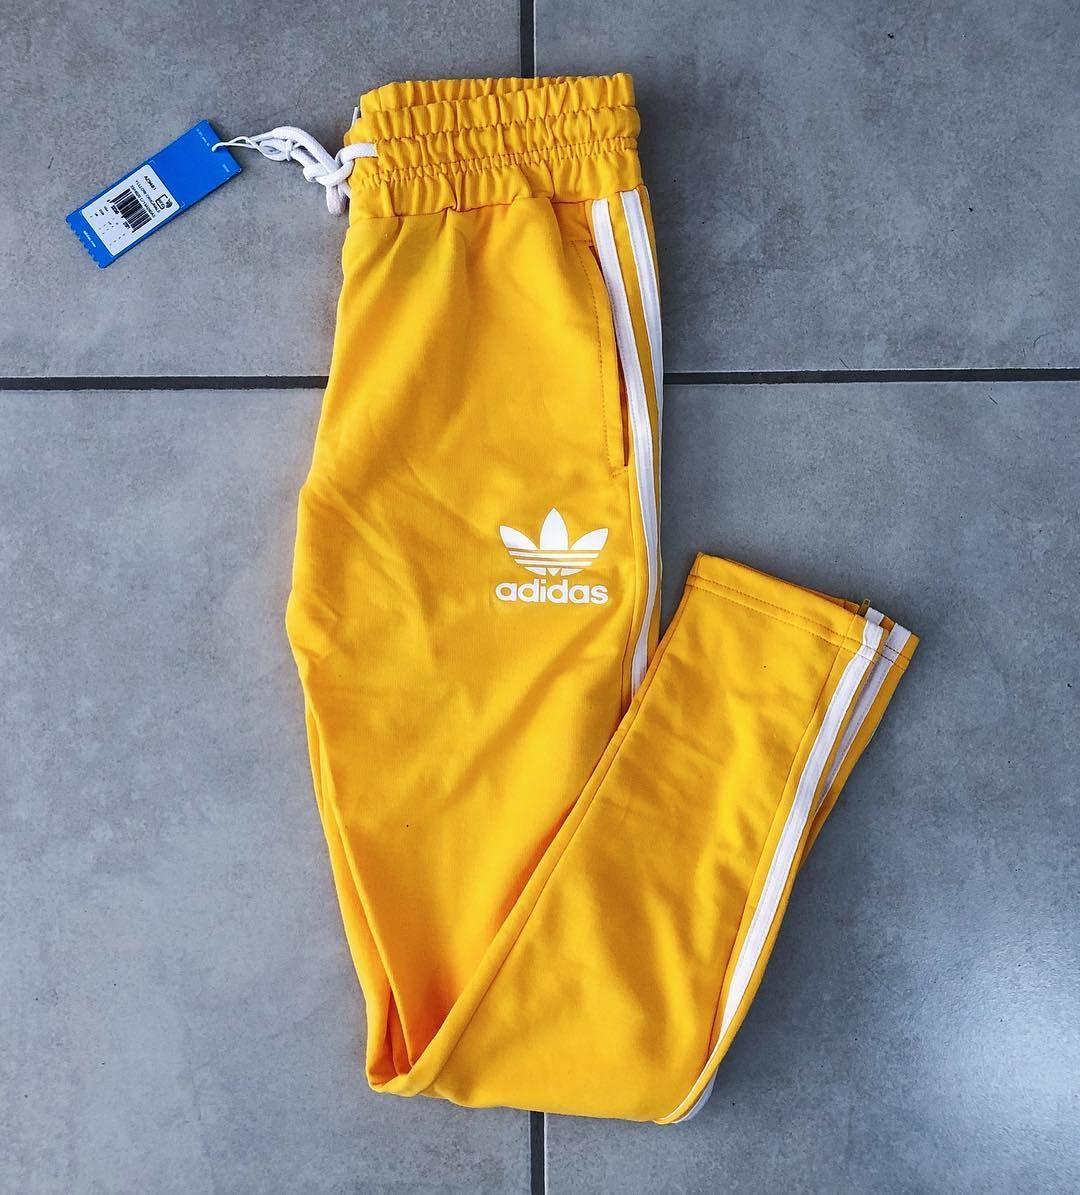 avaro Tamano relativo Matemático  pantalon adidas amarillo mujer - 62% descuento - www.esteticanatural.com.uy